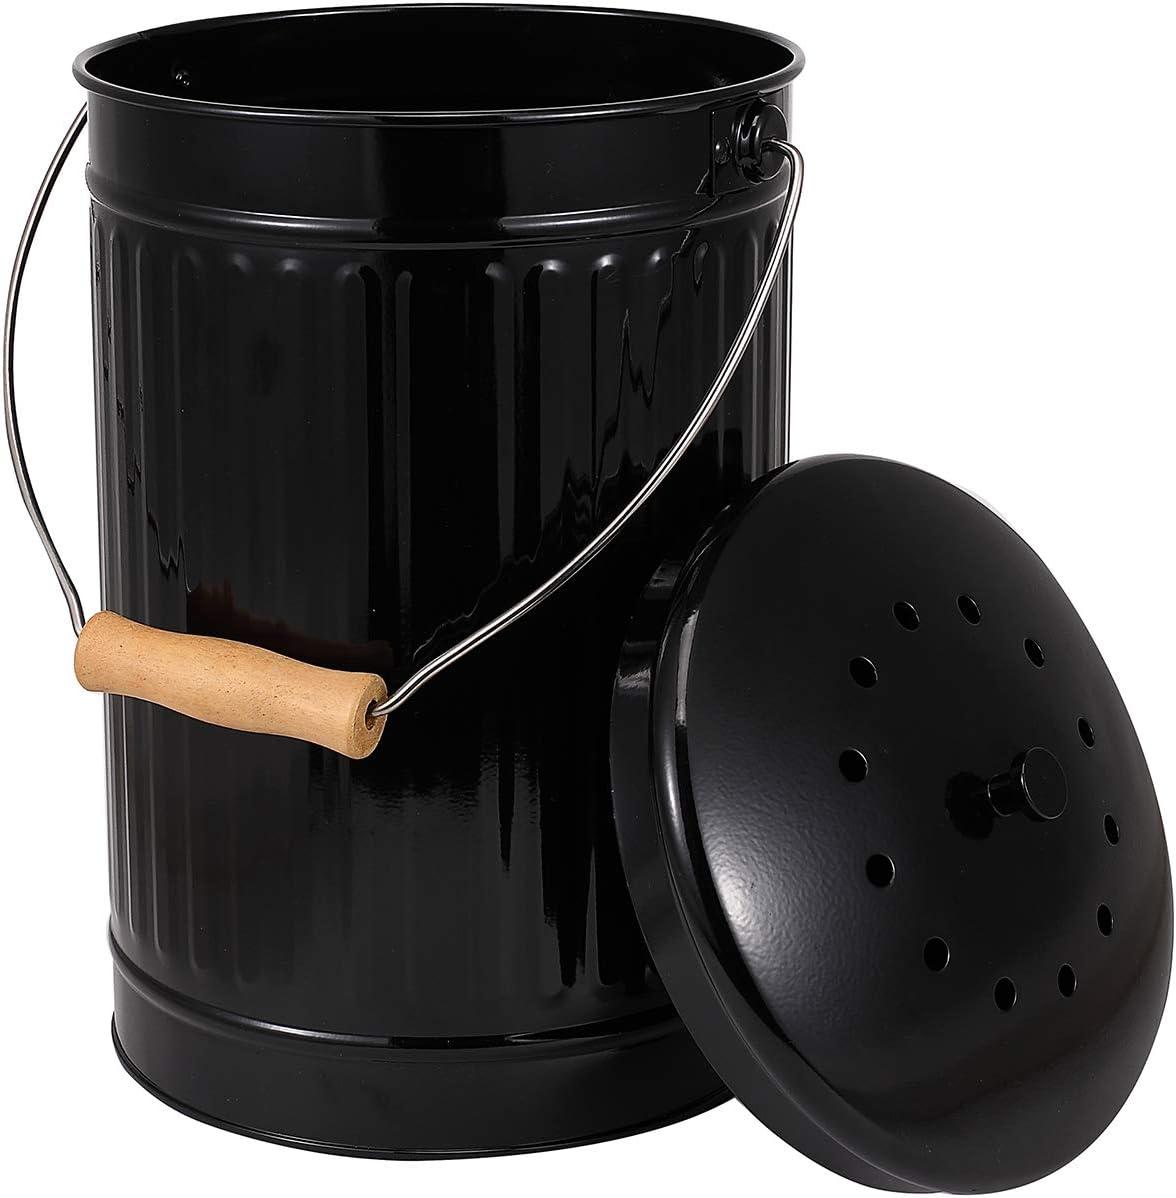 Acier Inoxydable 1 Gallon poign/ées Filtre /à Charbon Inclus Noir Morezi Poubelle /à Compost dint/érieur pour comptoir de Cuisine id/éal pour Les Aliments